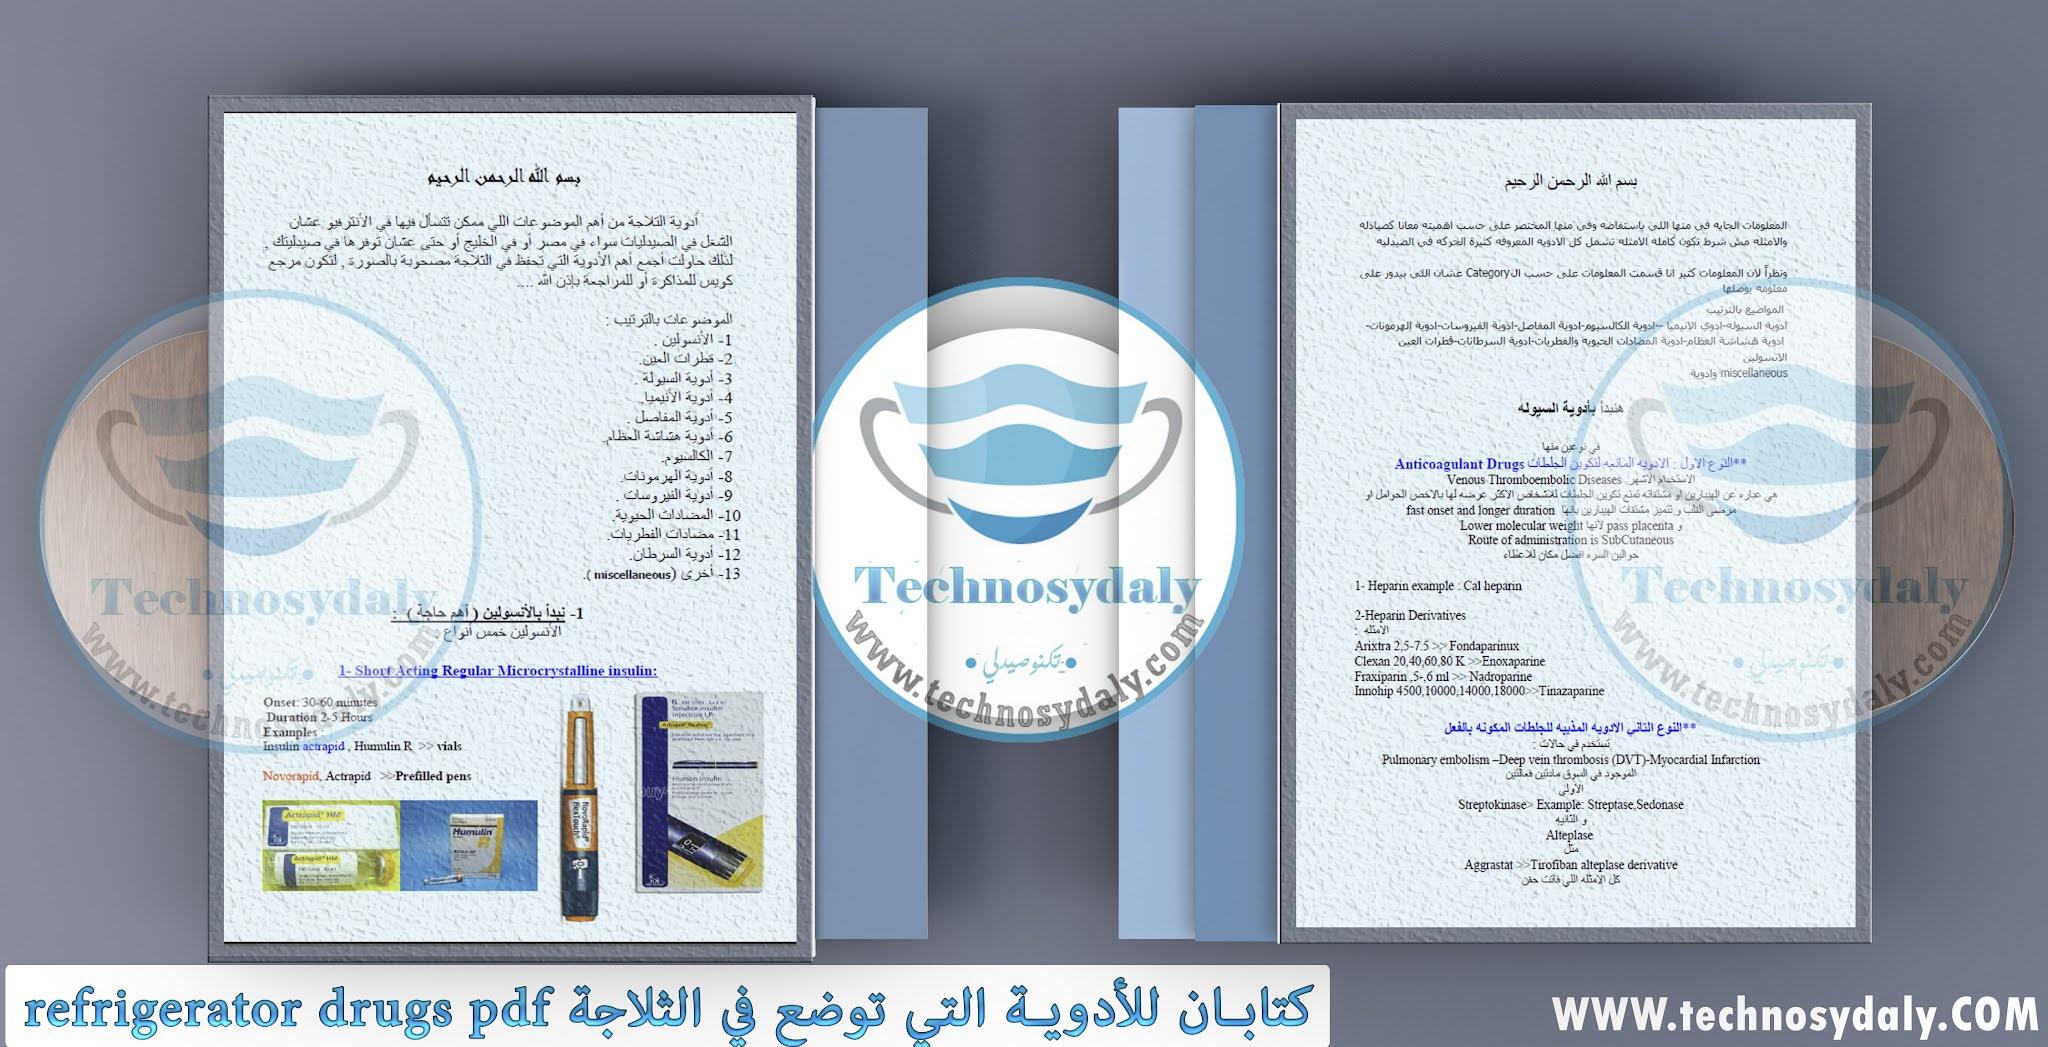 كتابان للأدوية التي توضع في الثلاجة refrigerator drugs pdf